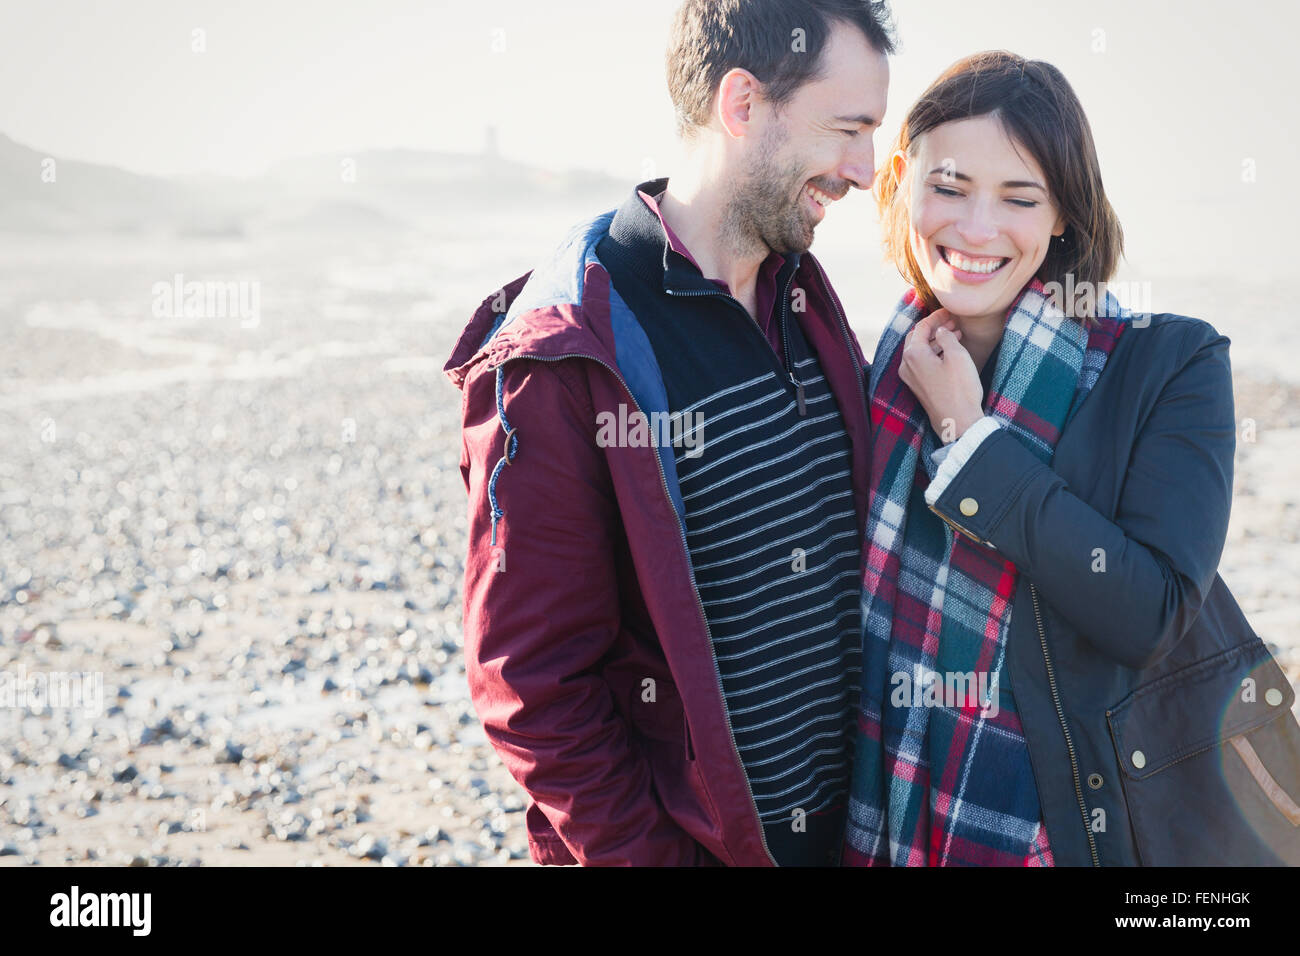 Lächelnde Brünette Pärchen stehen an sonnigen felsigen Strand Stockbild